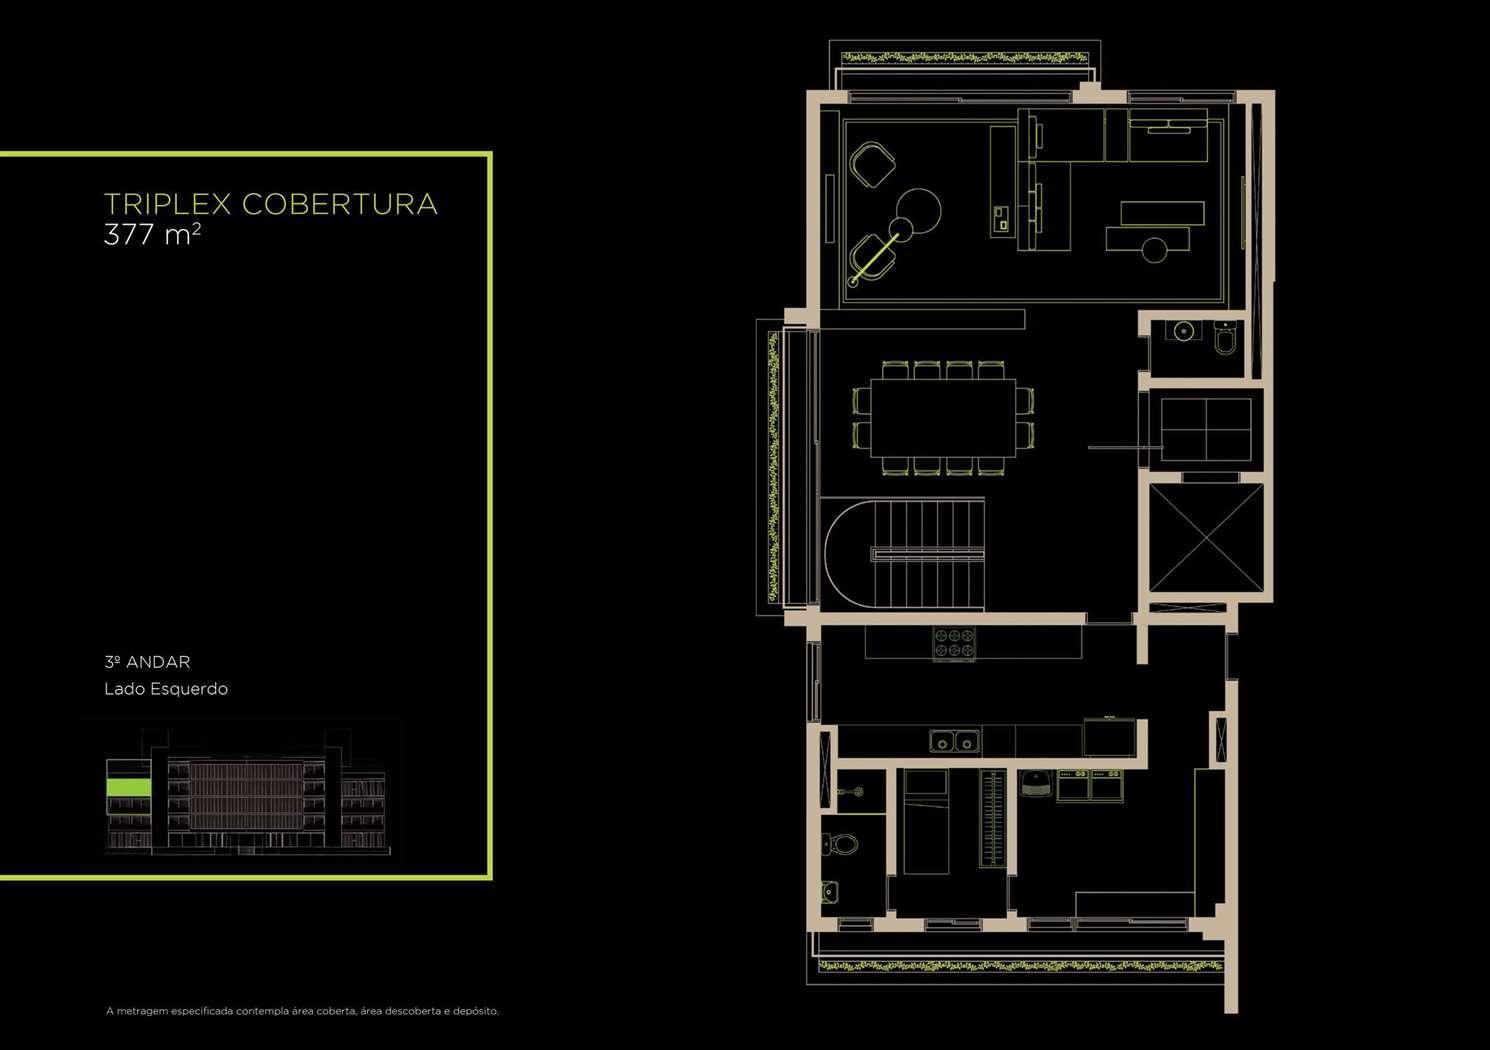 Triplex Cobertura 377m²   3º Andar